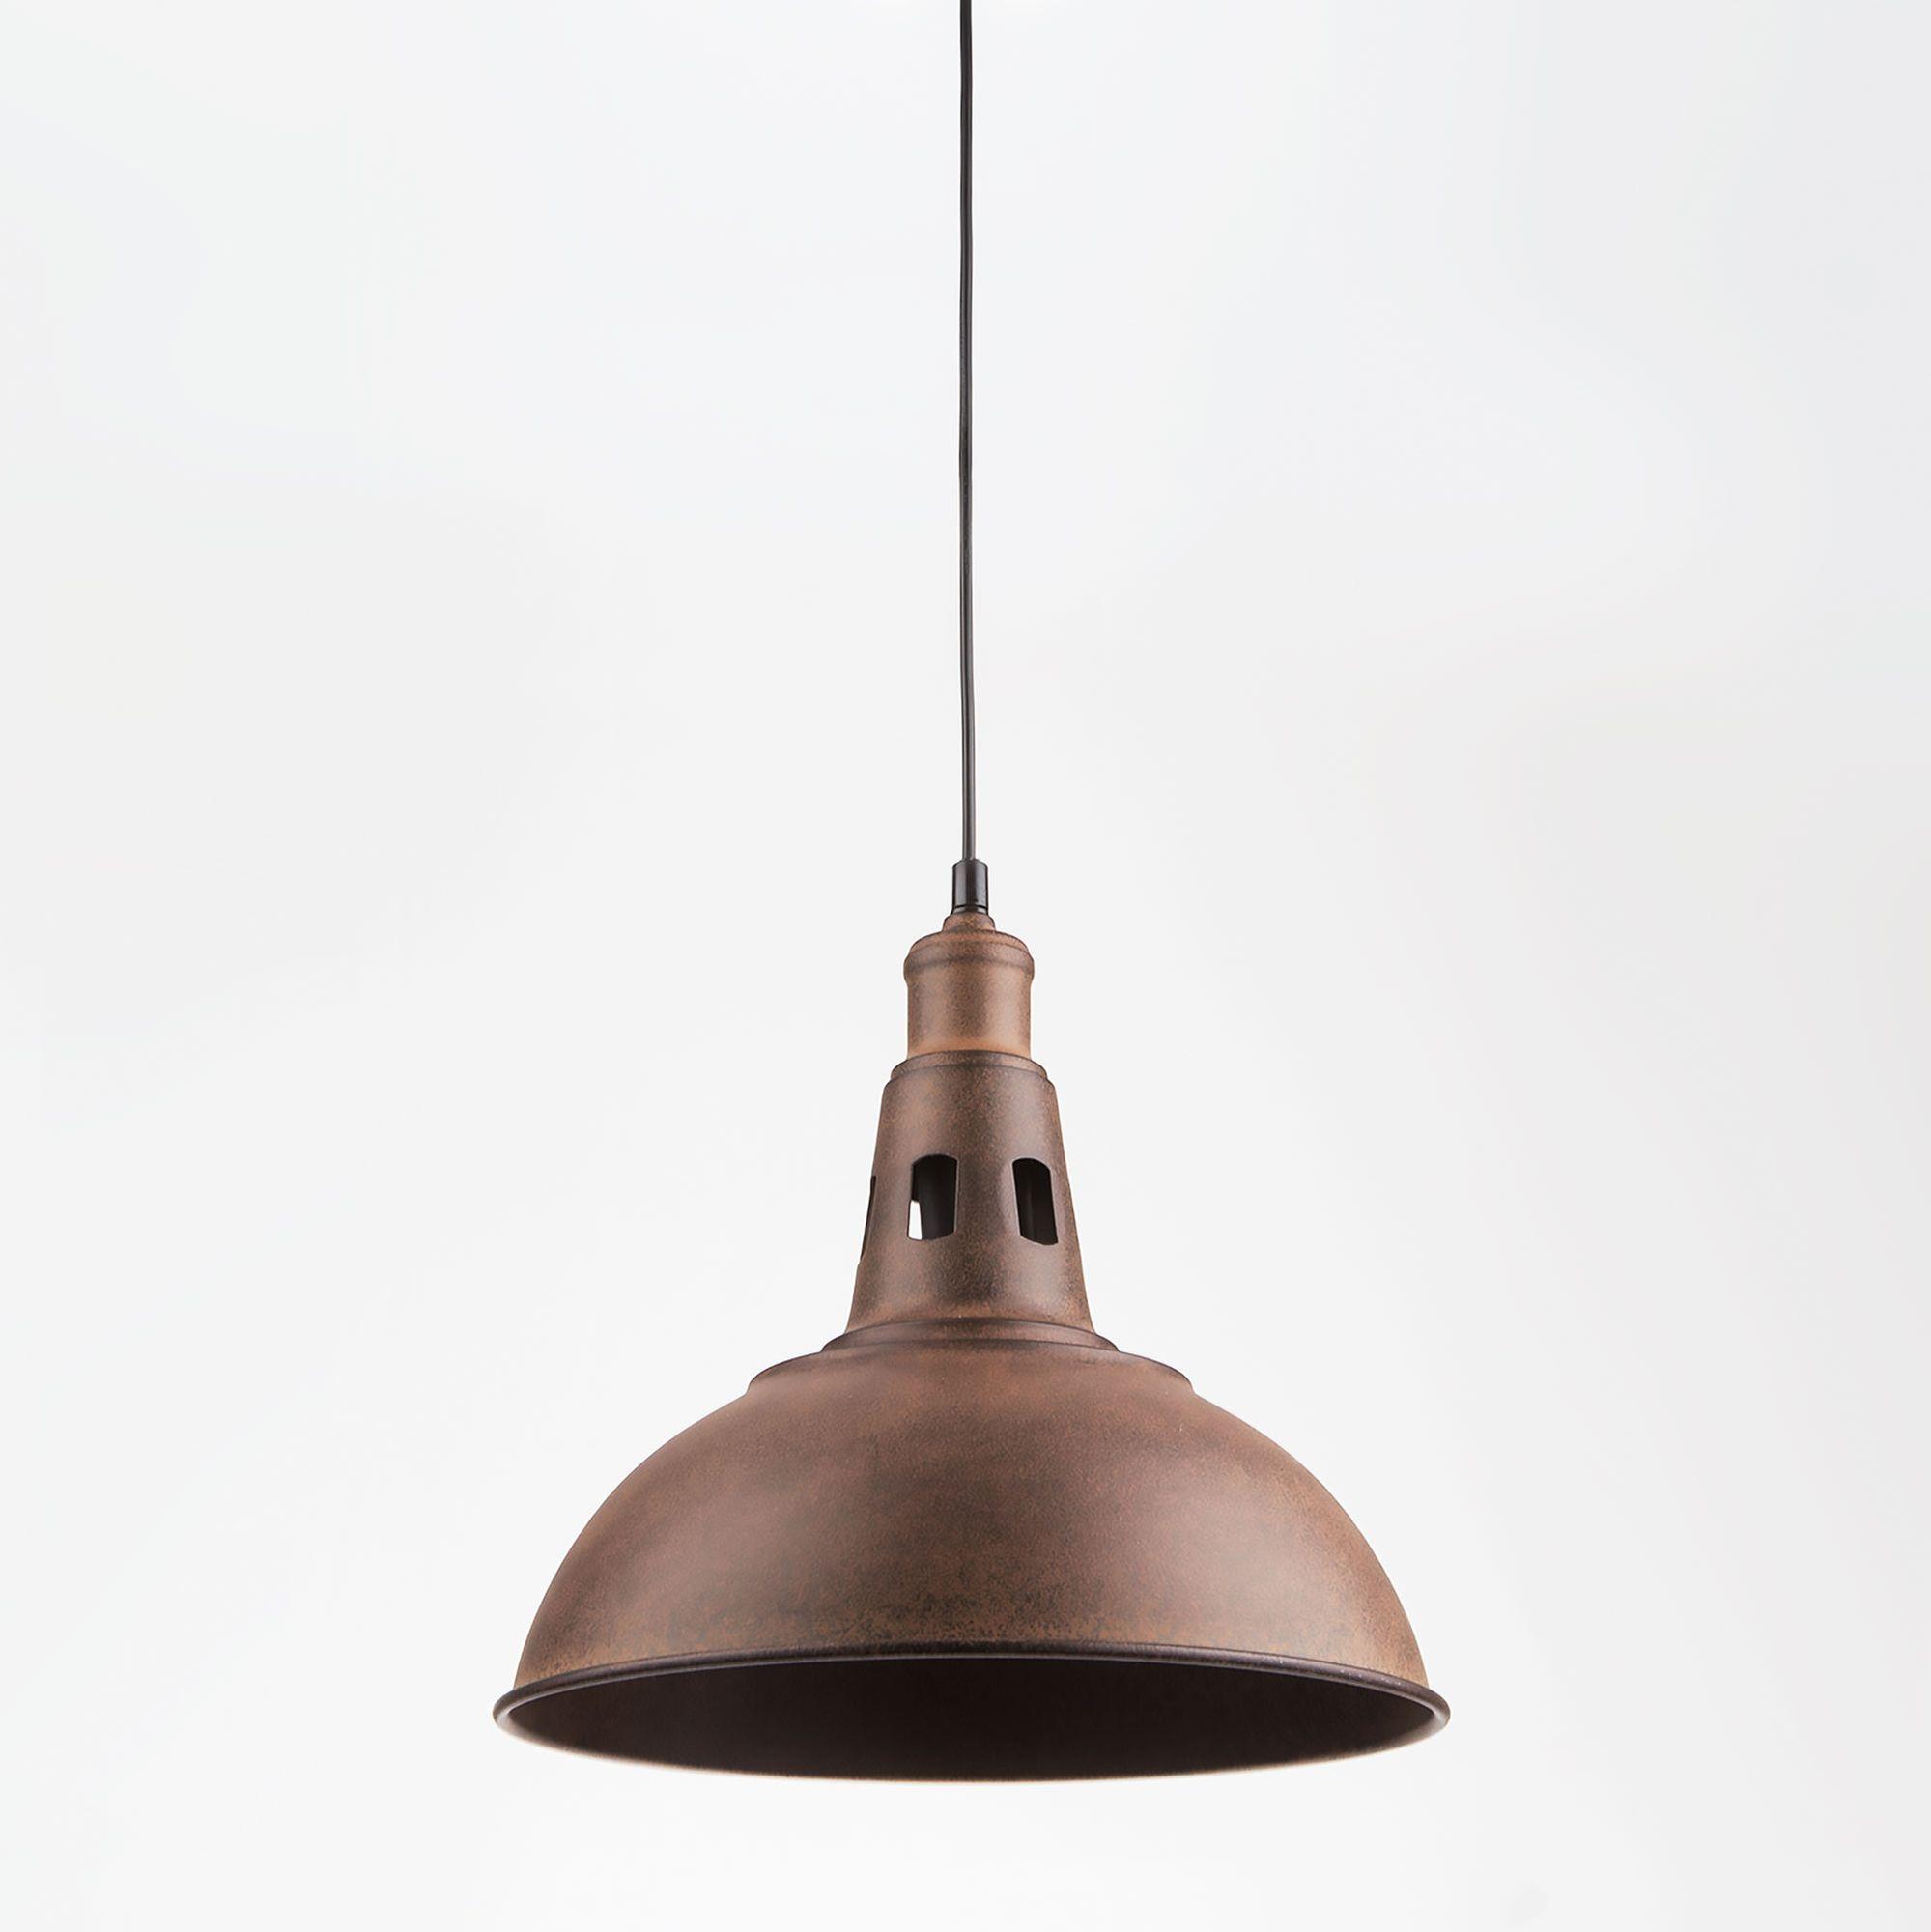 Подвесной светильник лофт 50052/1 патинированный черный